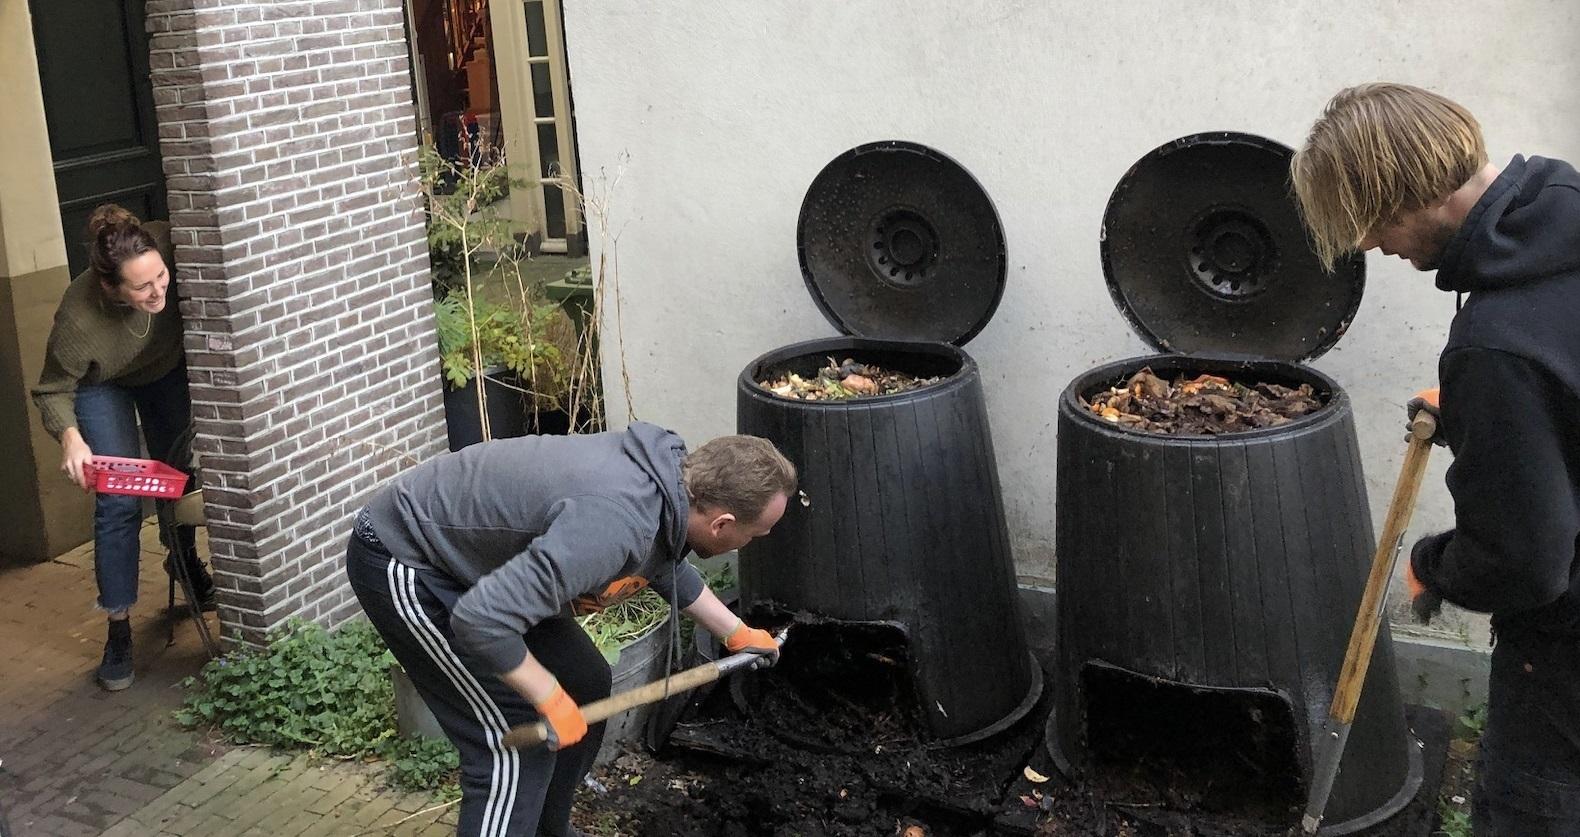 Twee mensen scheppen compost uit twee compostbakken.